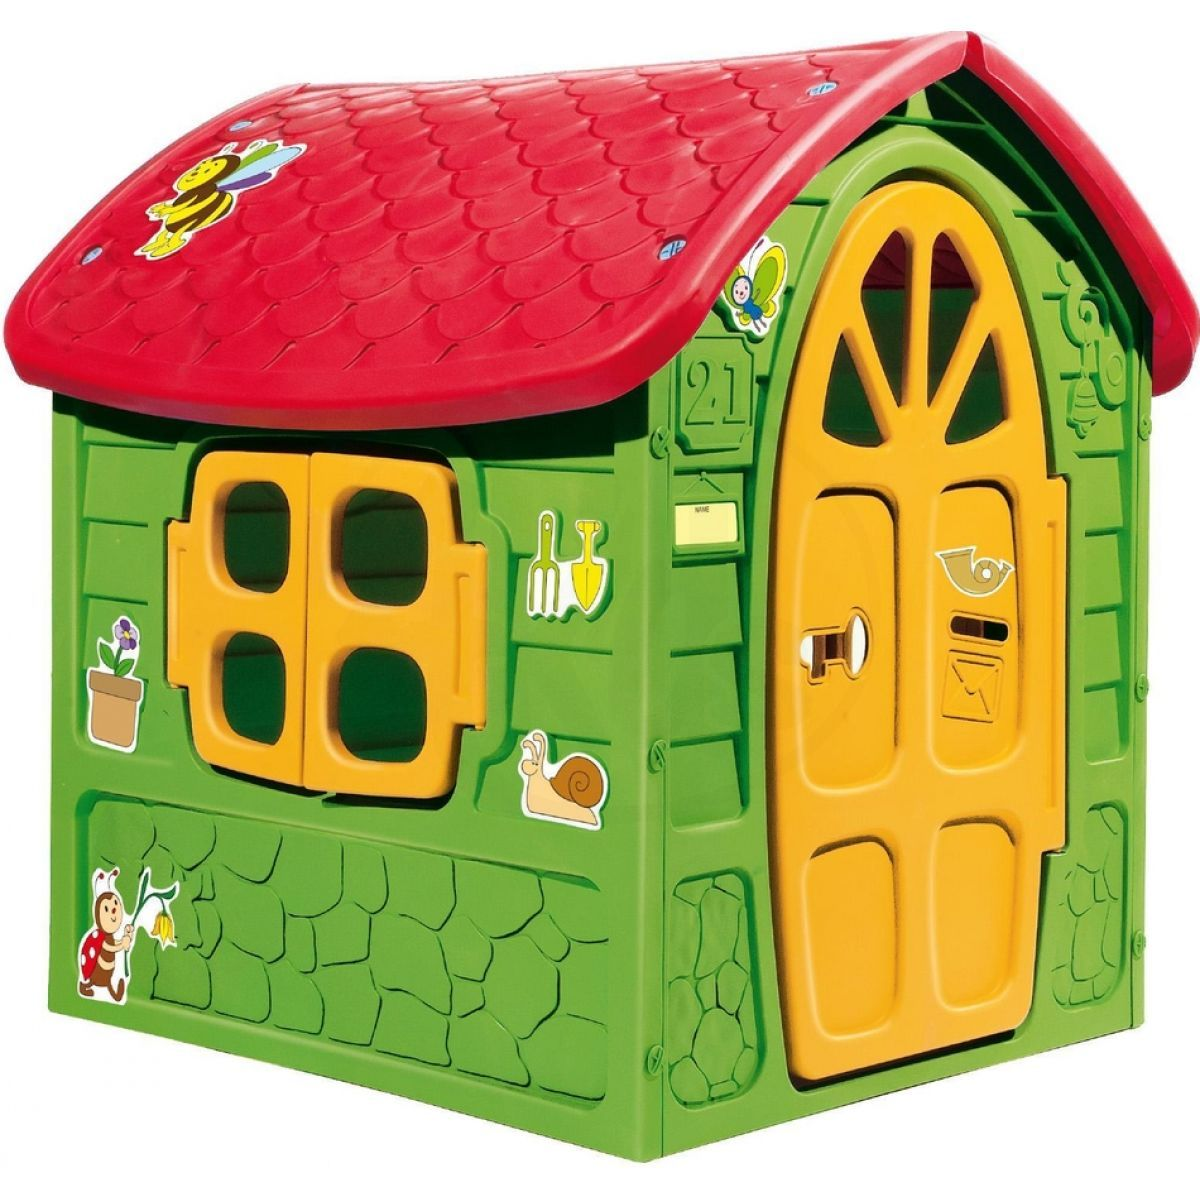 Dohány dětský zahradní domek 5075 zeleno-červený